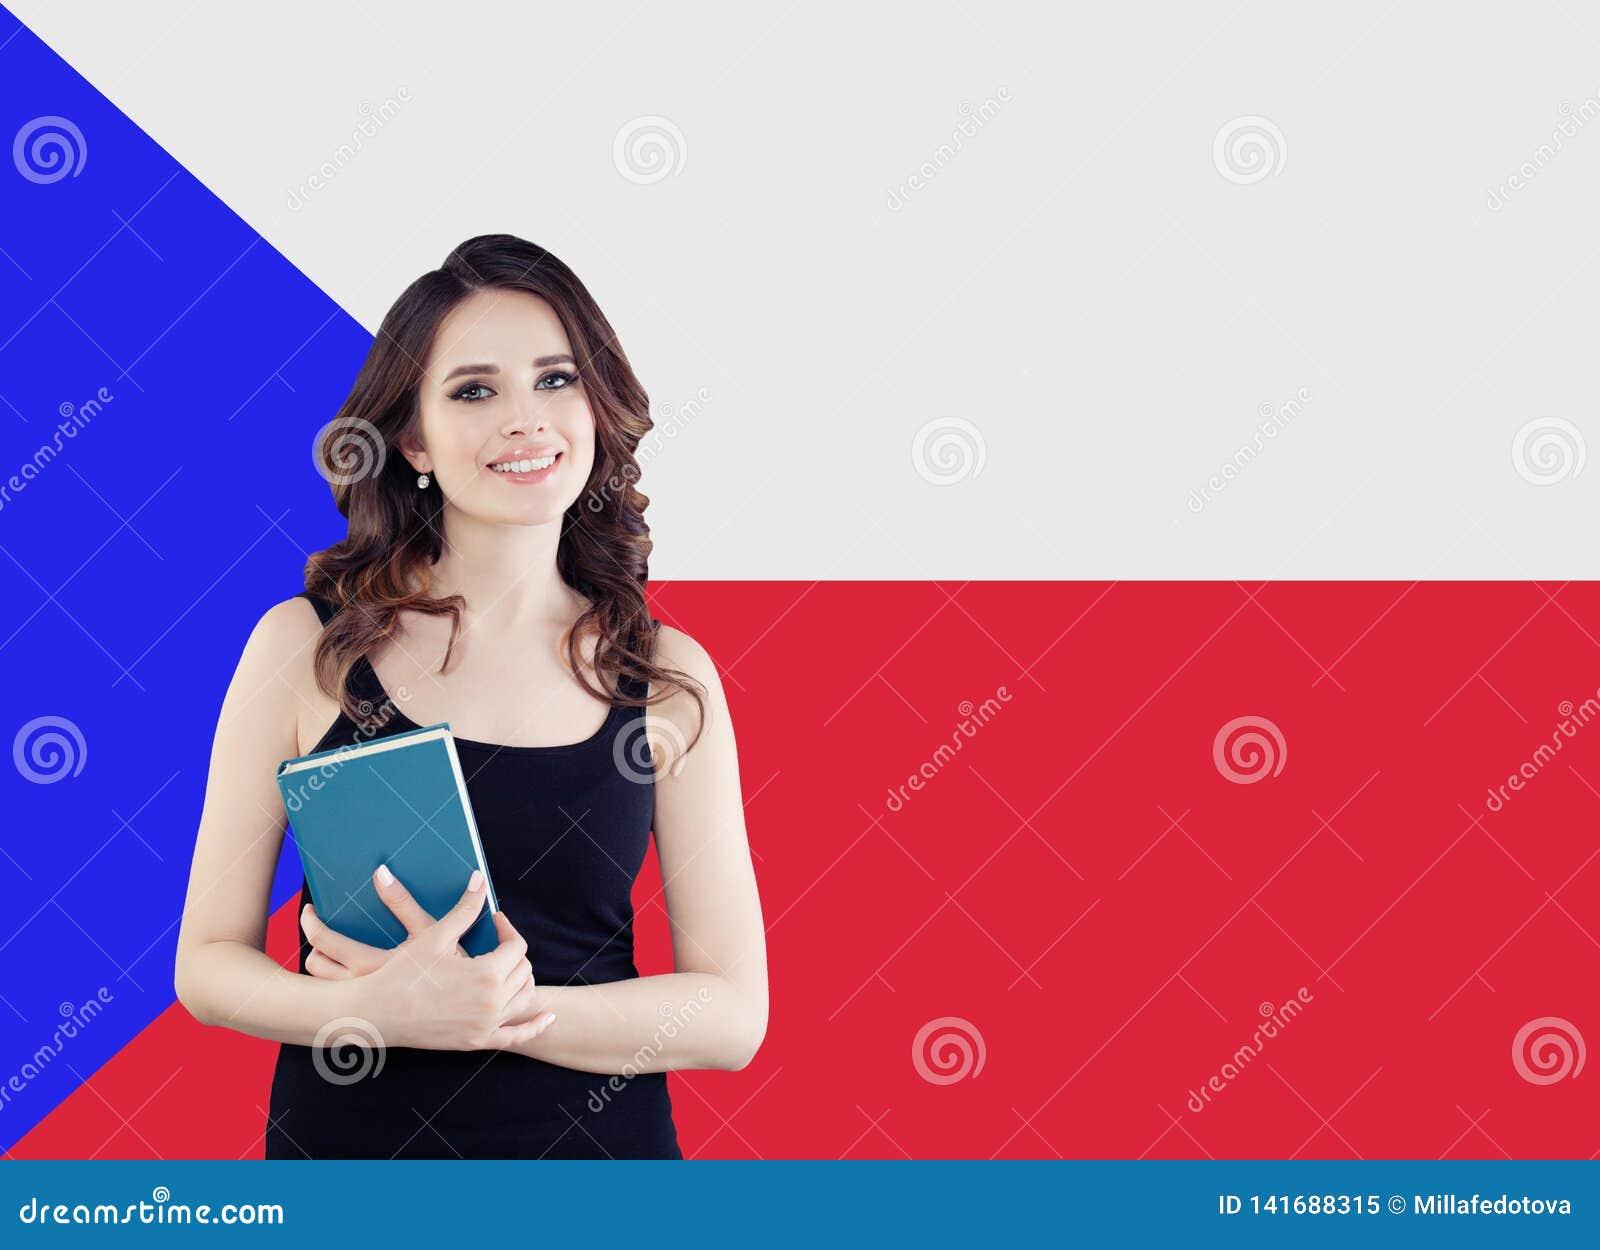 Ritratto sorridente della donna contro la bandiera della repubblica Ceca Viaggio ed imparare lingua ceca